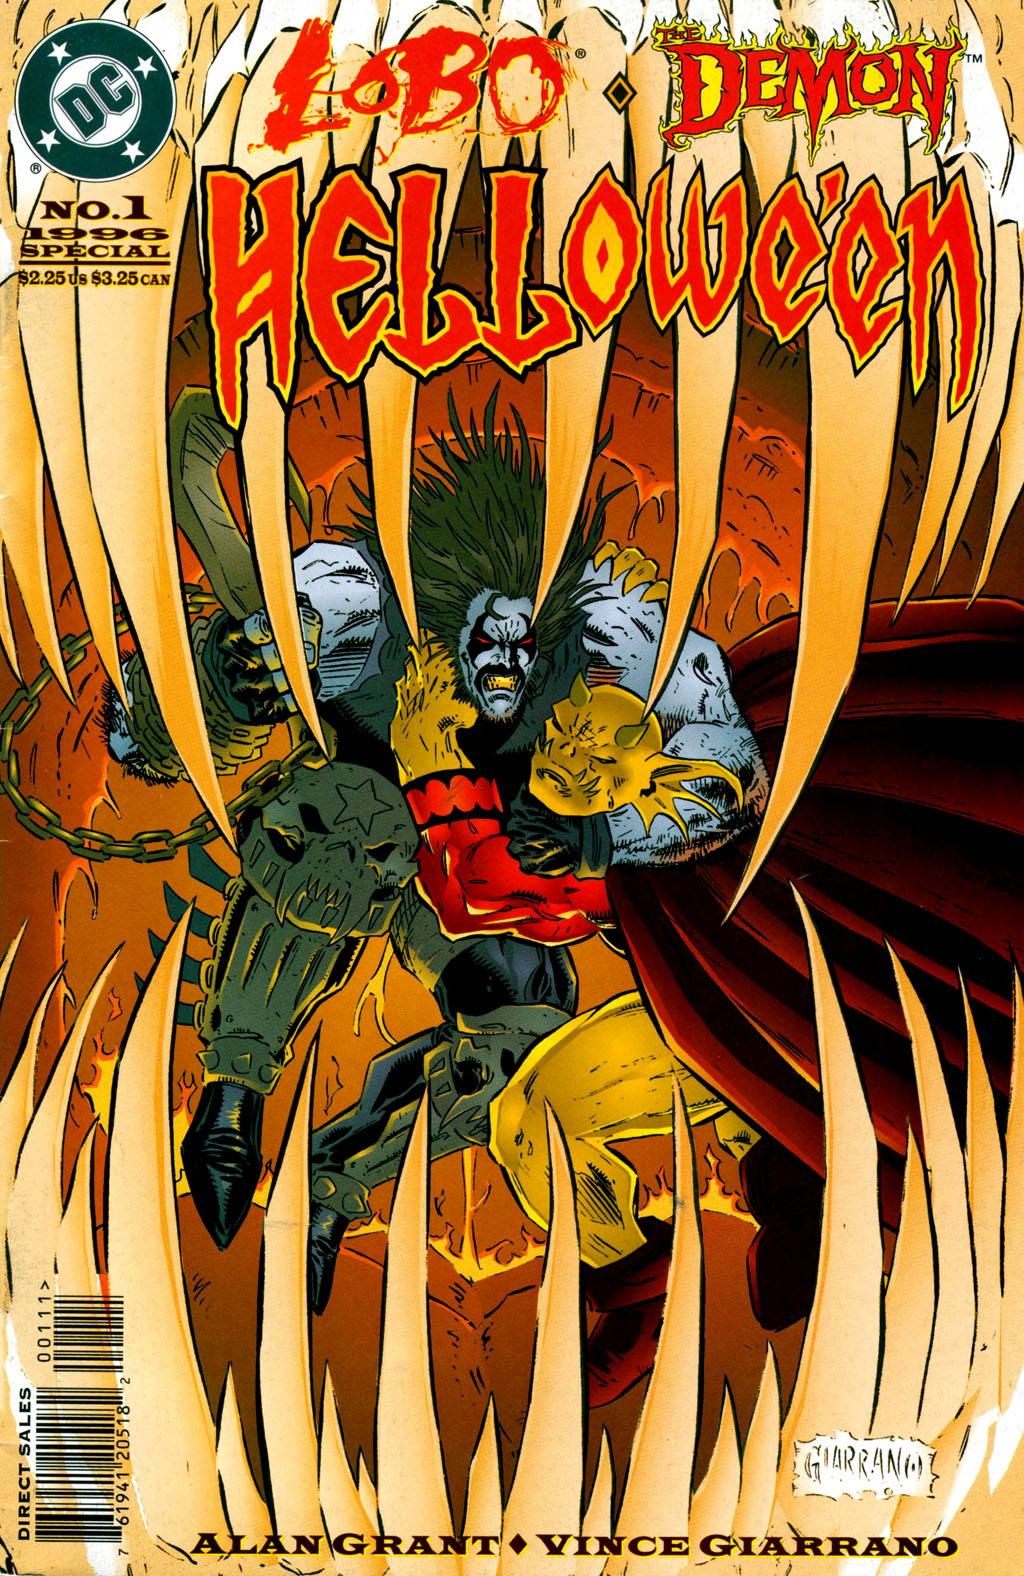 Read online Lobo/Demon: Hellowe'en comic -  Issue # Full - 1